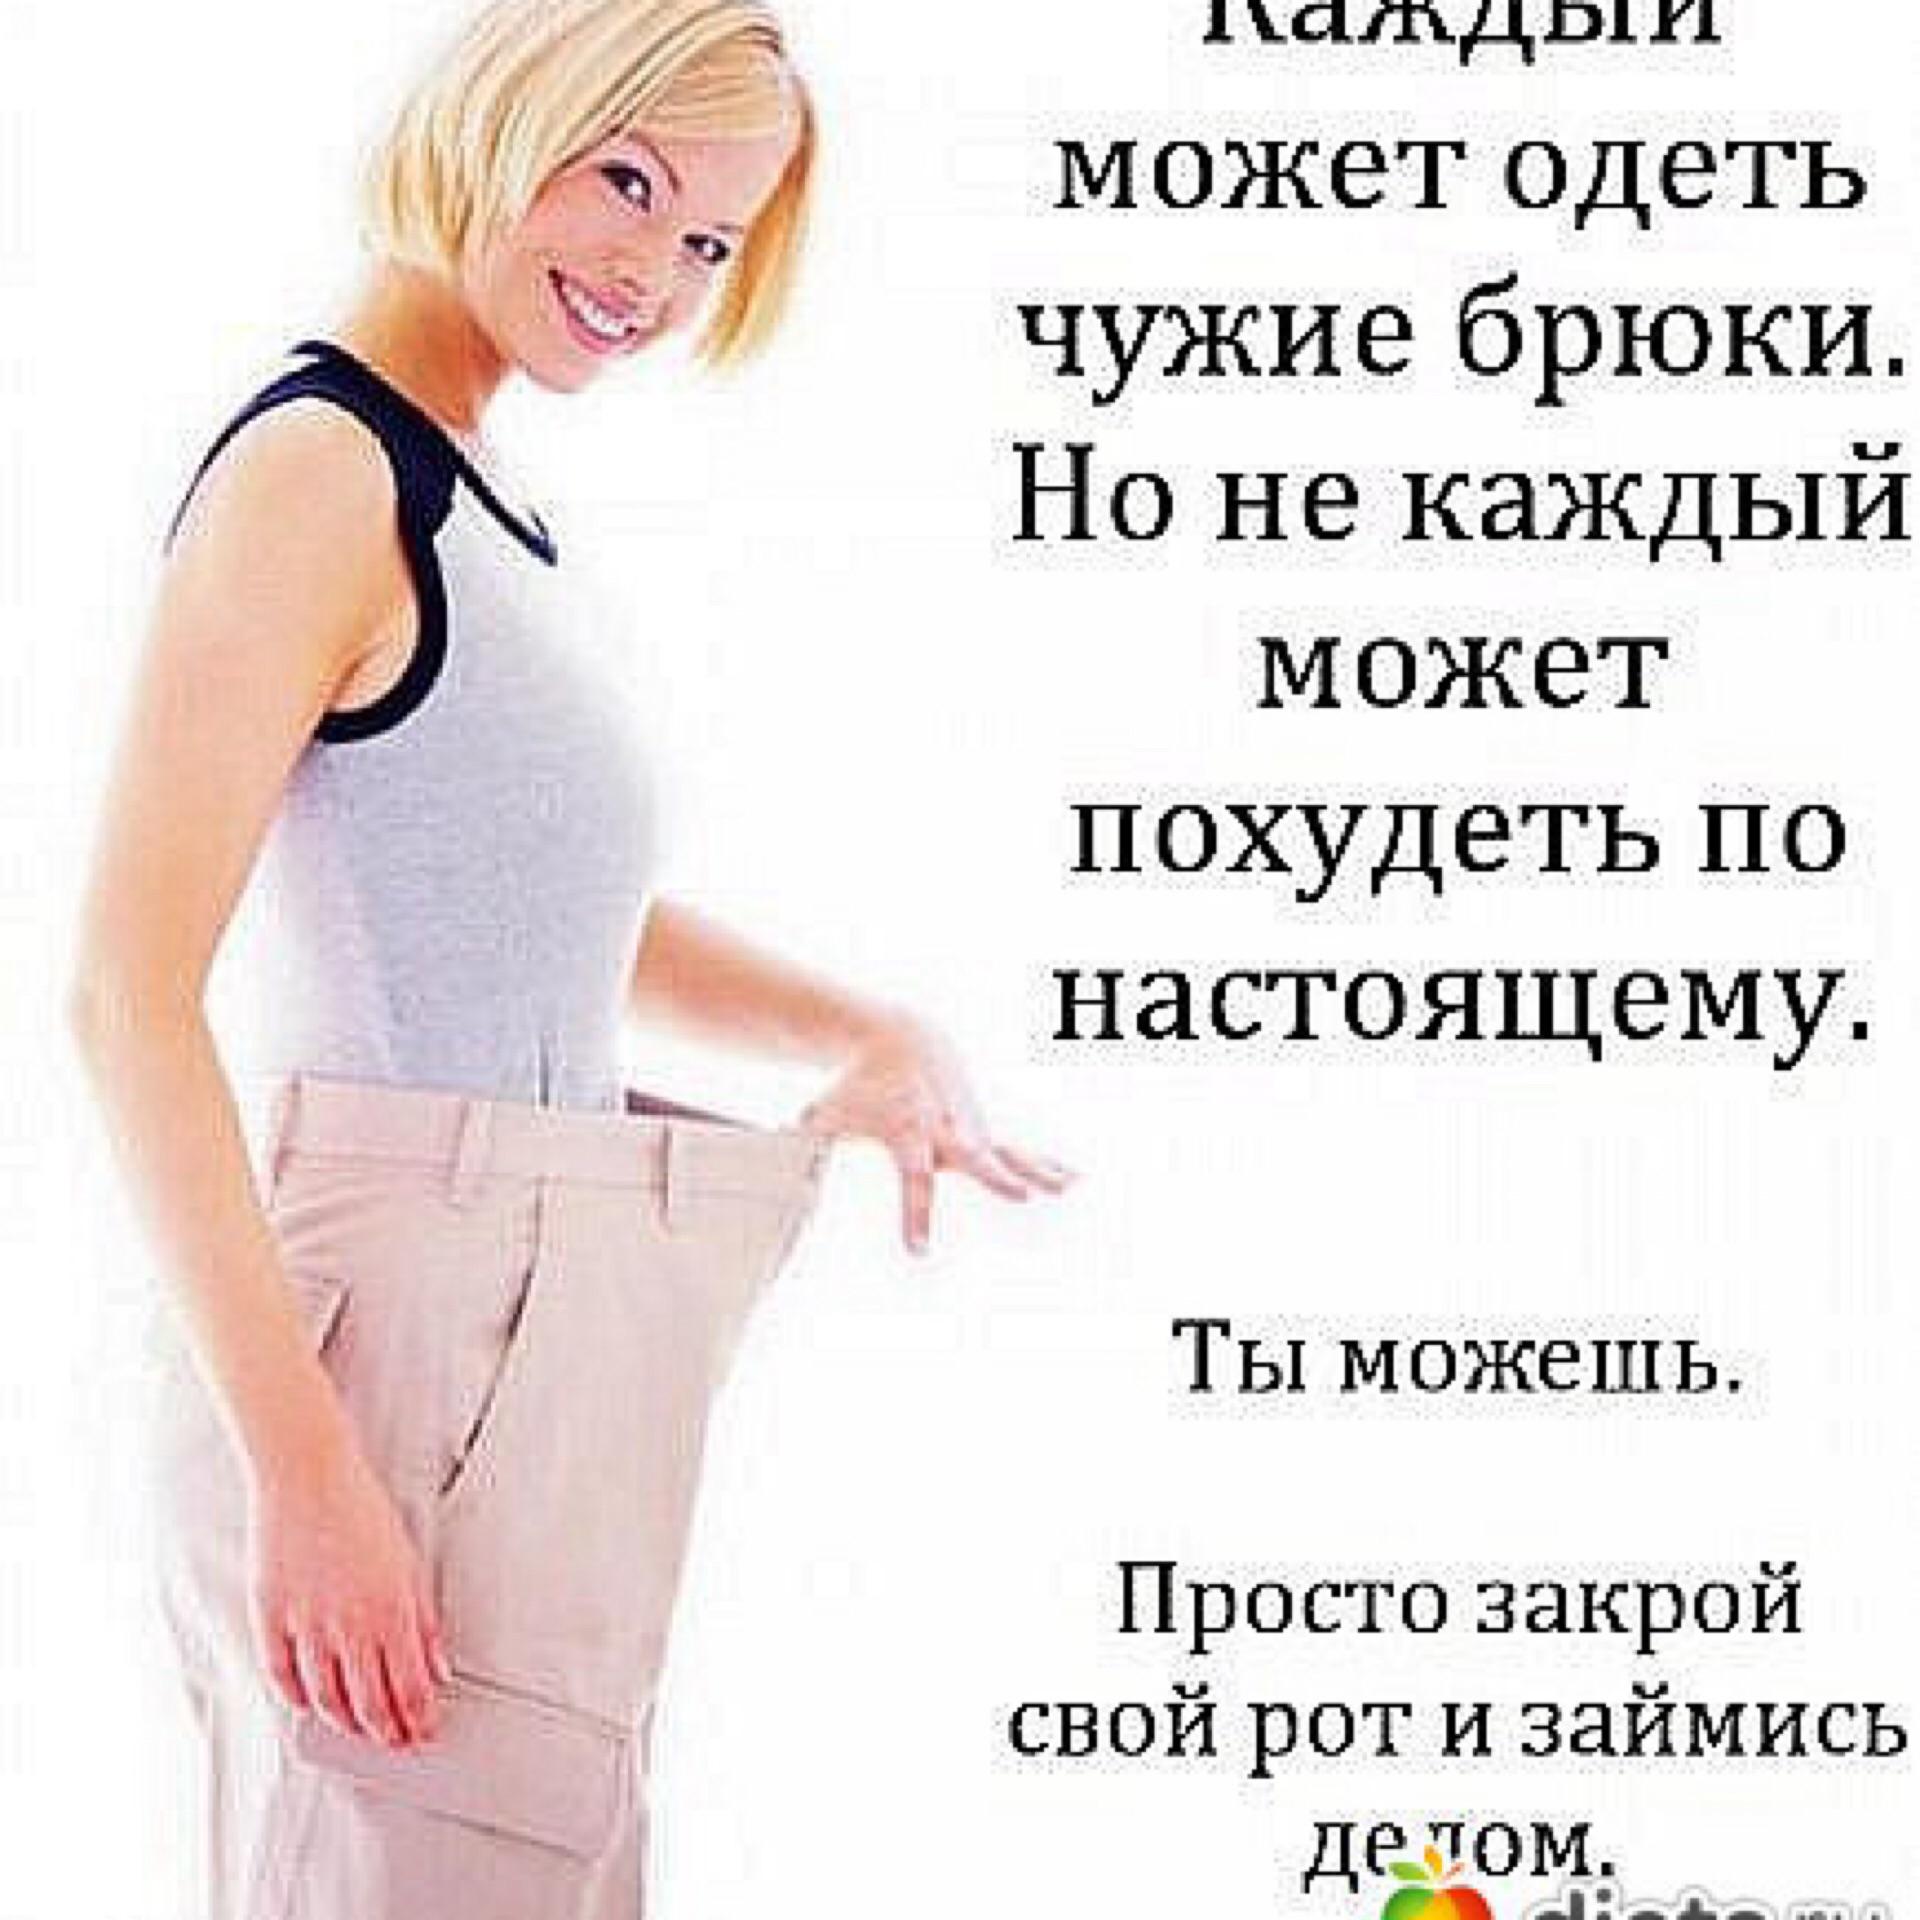 Картинка Мотиваторы Похудеть.